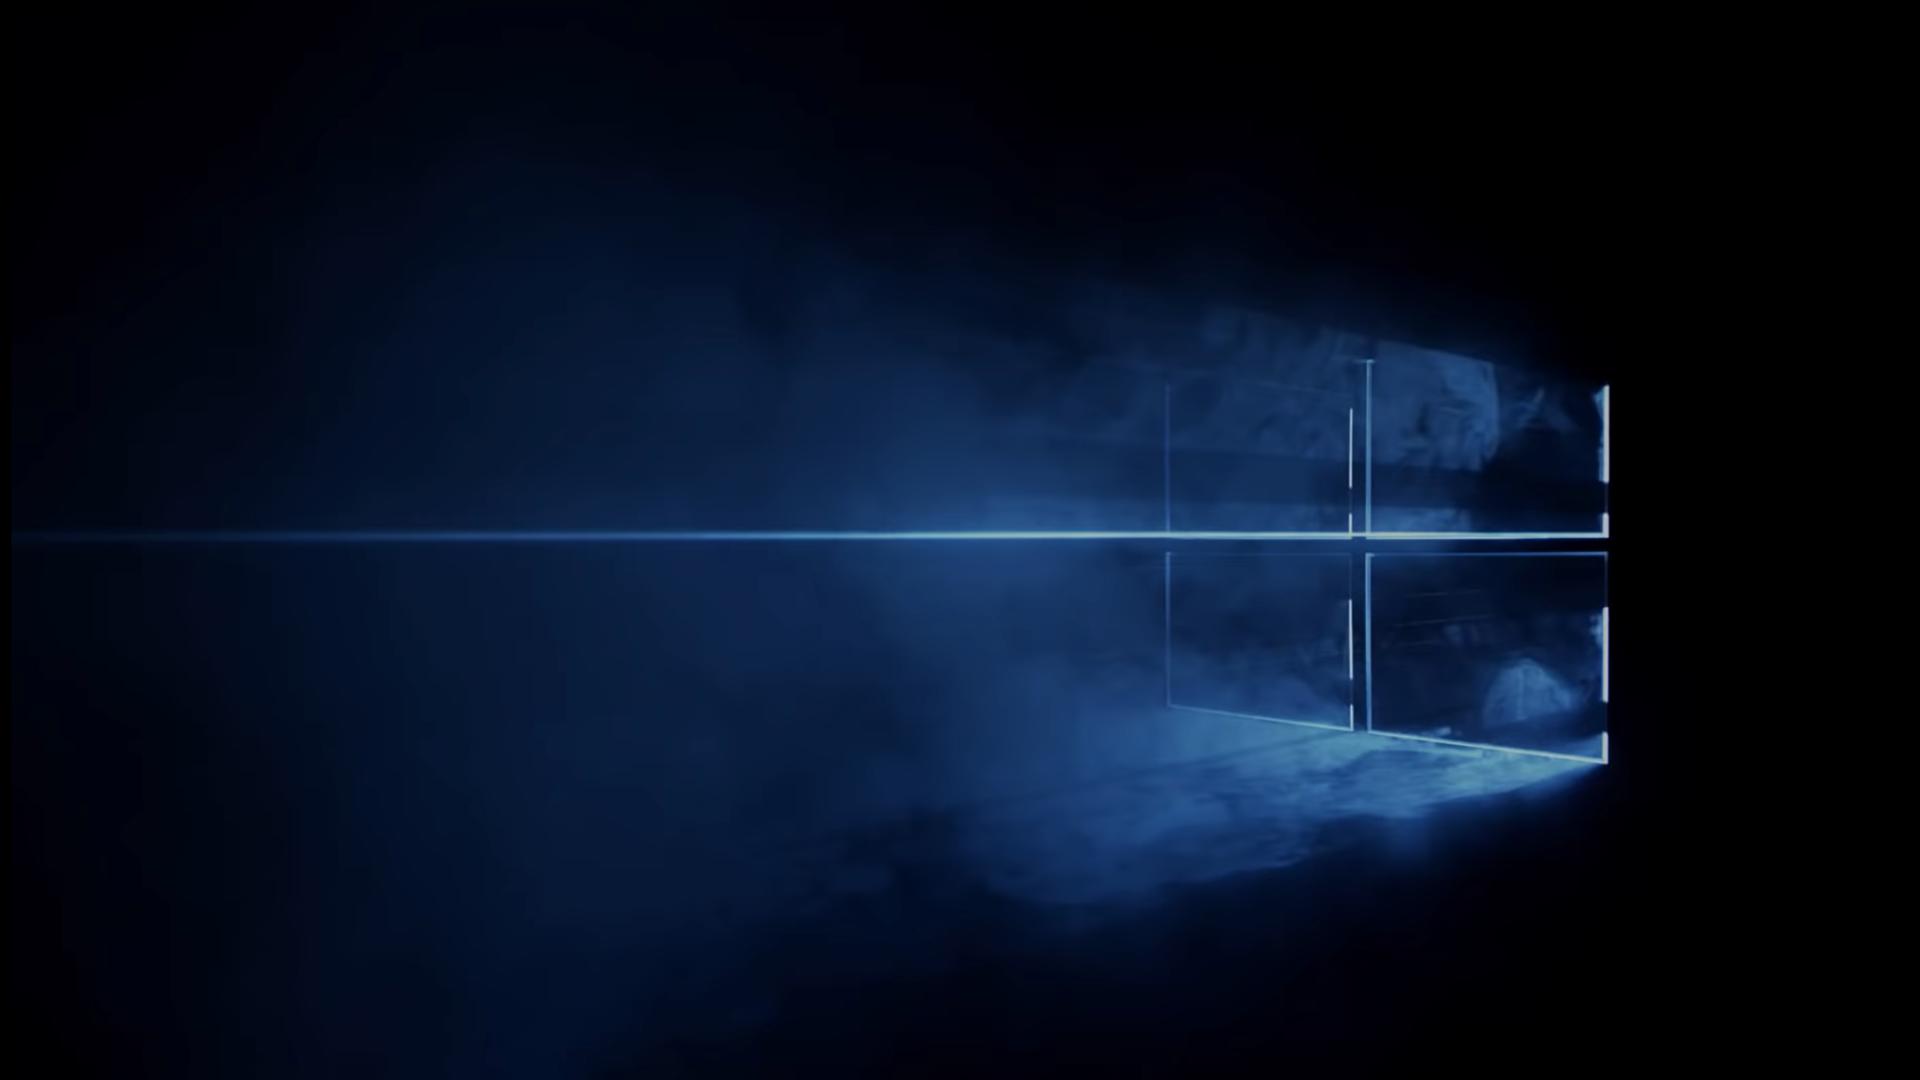 壁紙 1920x1080 Windows10